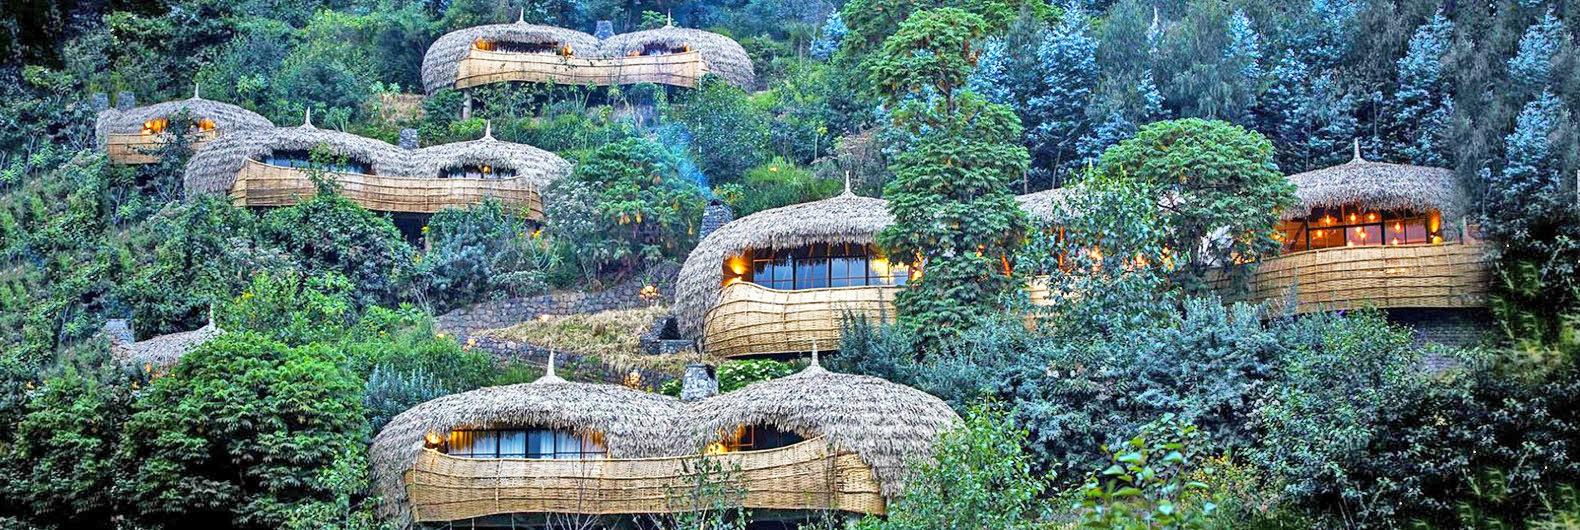 Gorilla Rwanda Safaris